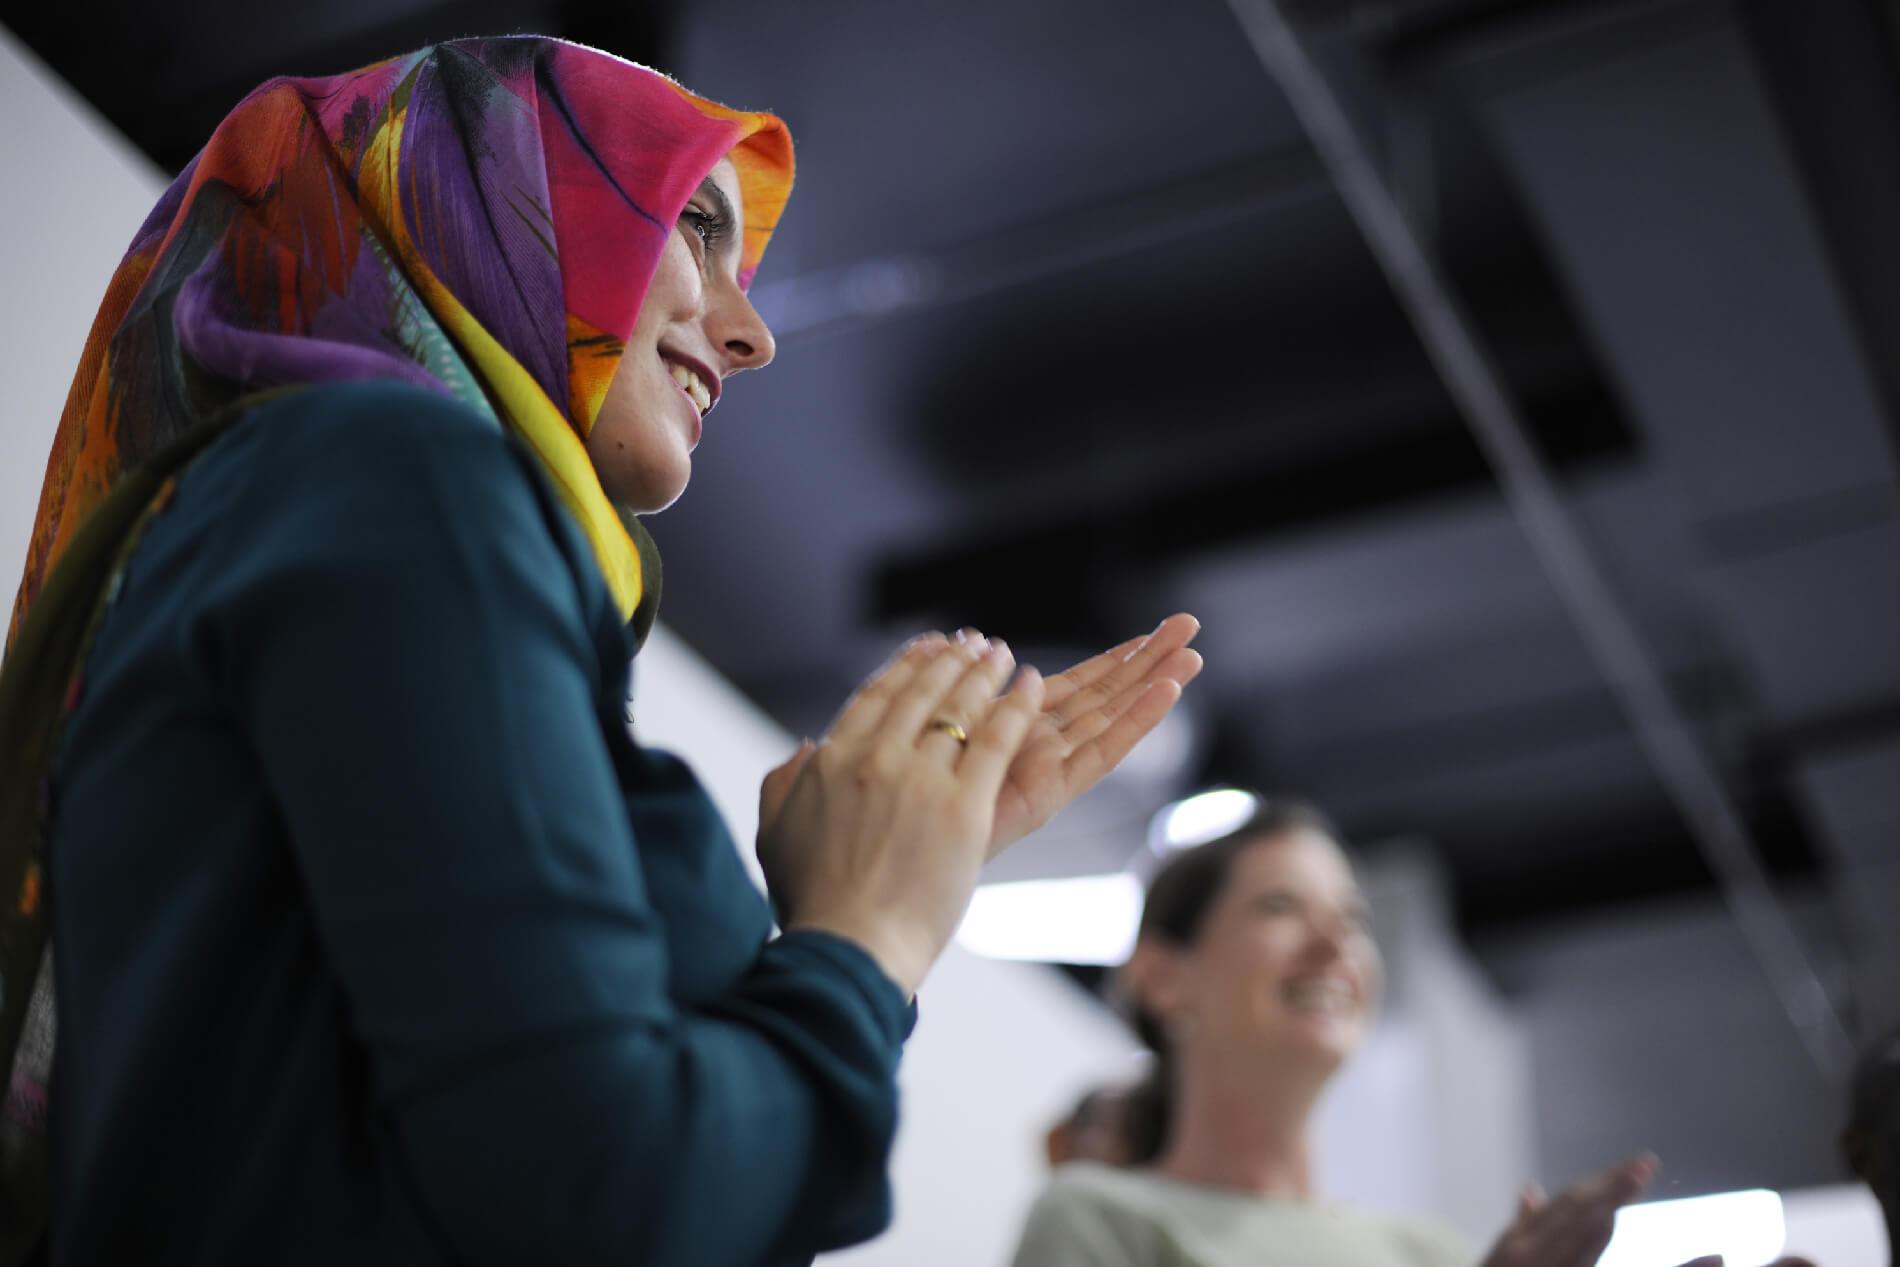 Islamic fashion in Paris